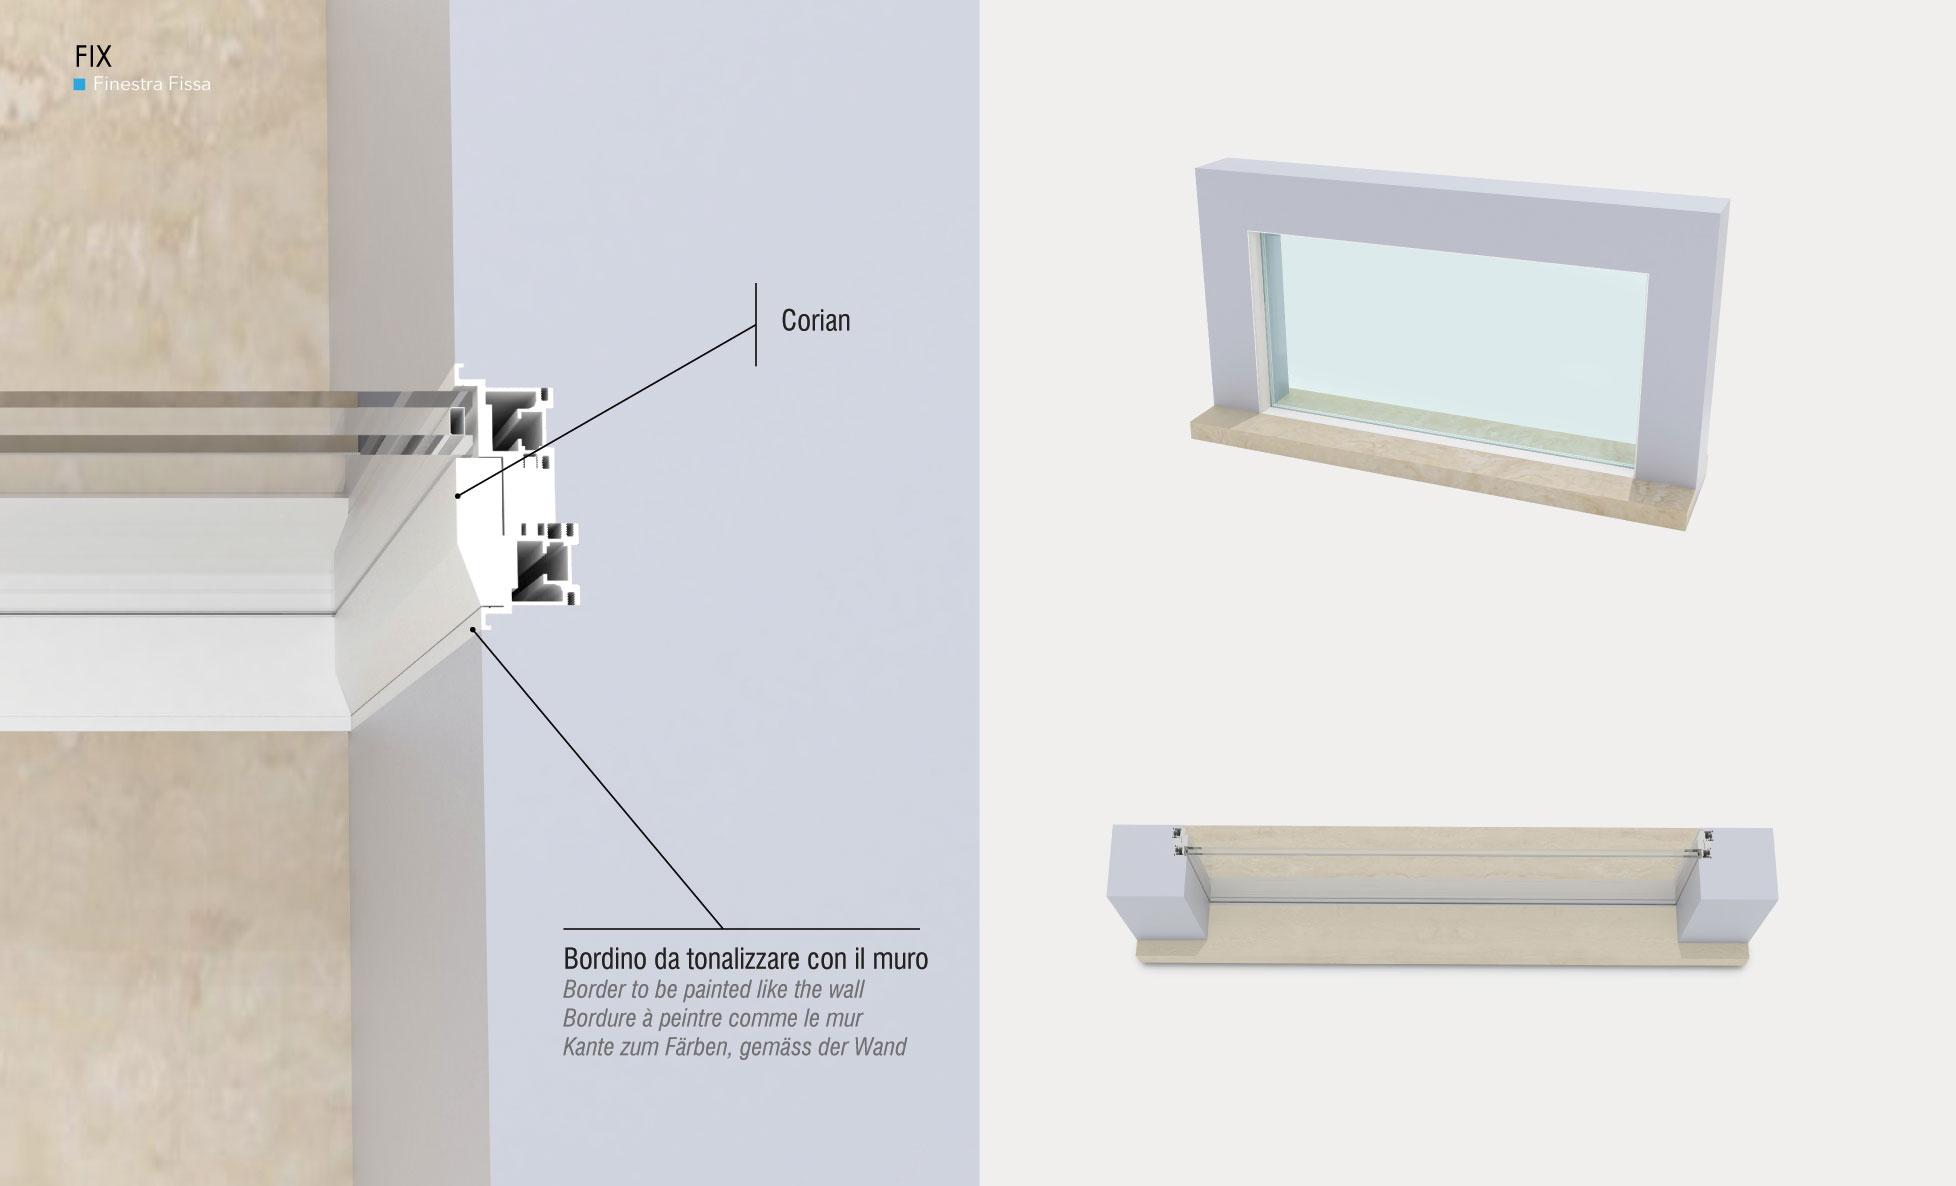 finestra-fissa-filomuro